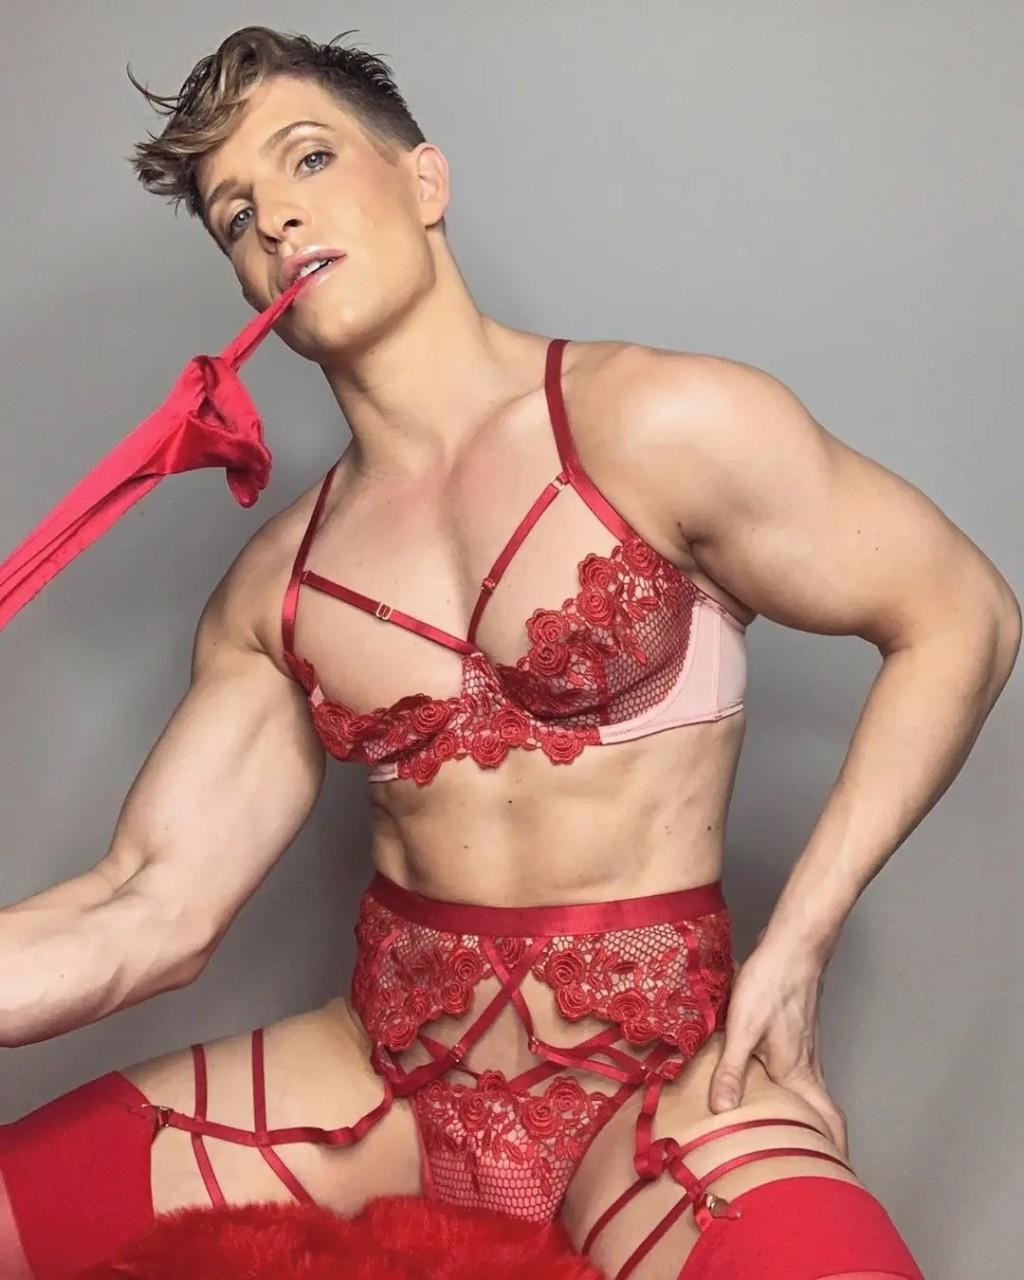 大碼性感內衣「請男模代言」惹爭議 顧客直嗆:一點都不想買!